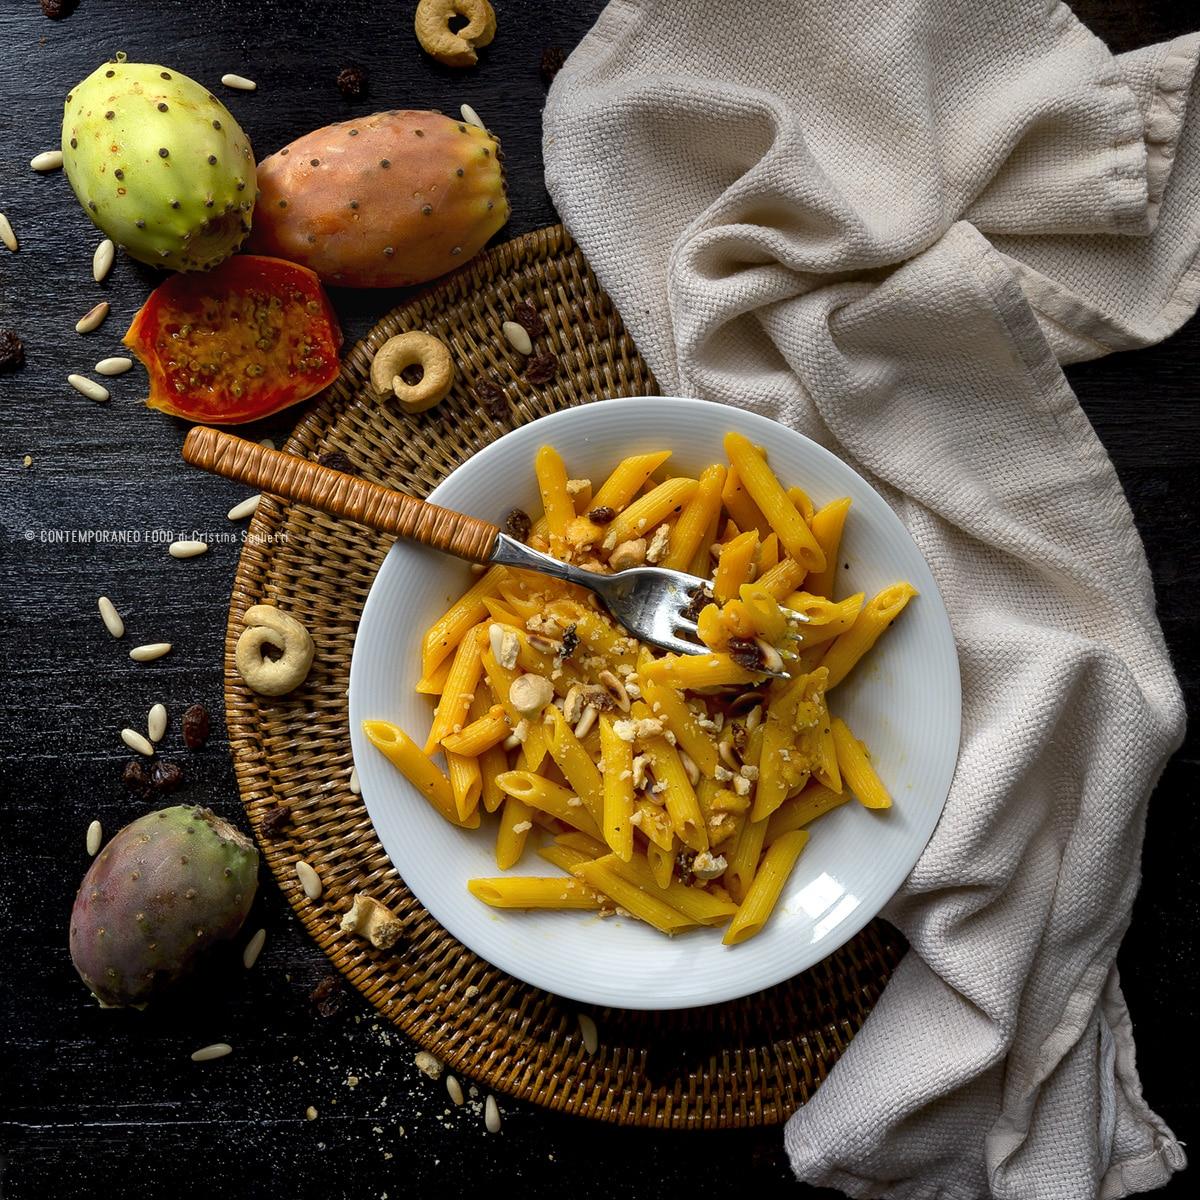 pasta-ai-fichi-d'india-con-crumble-di-taralli-uvetta-pinoli-ricetta-primi-ricetta-facile-veloce-con-la-frutta-contemporaneo-food